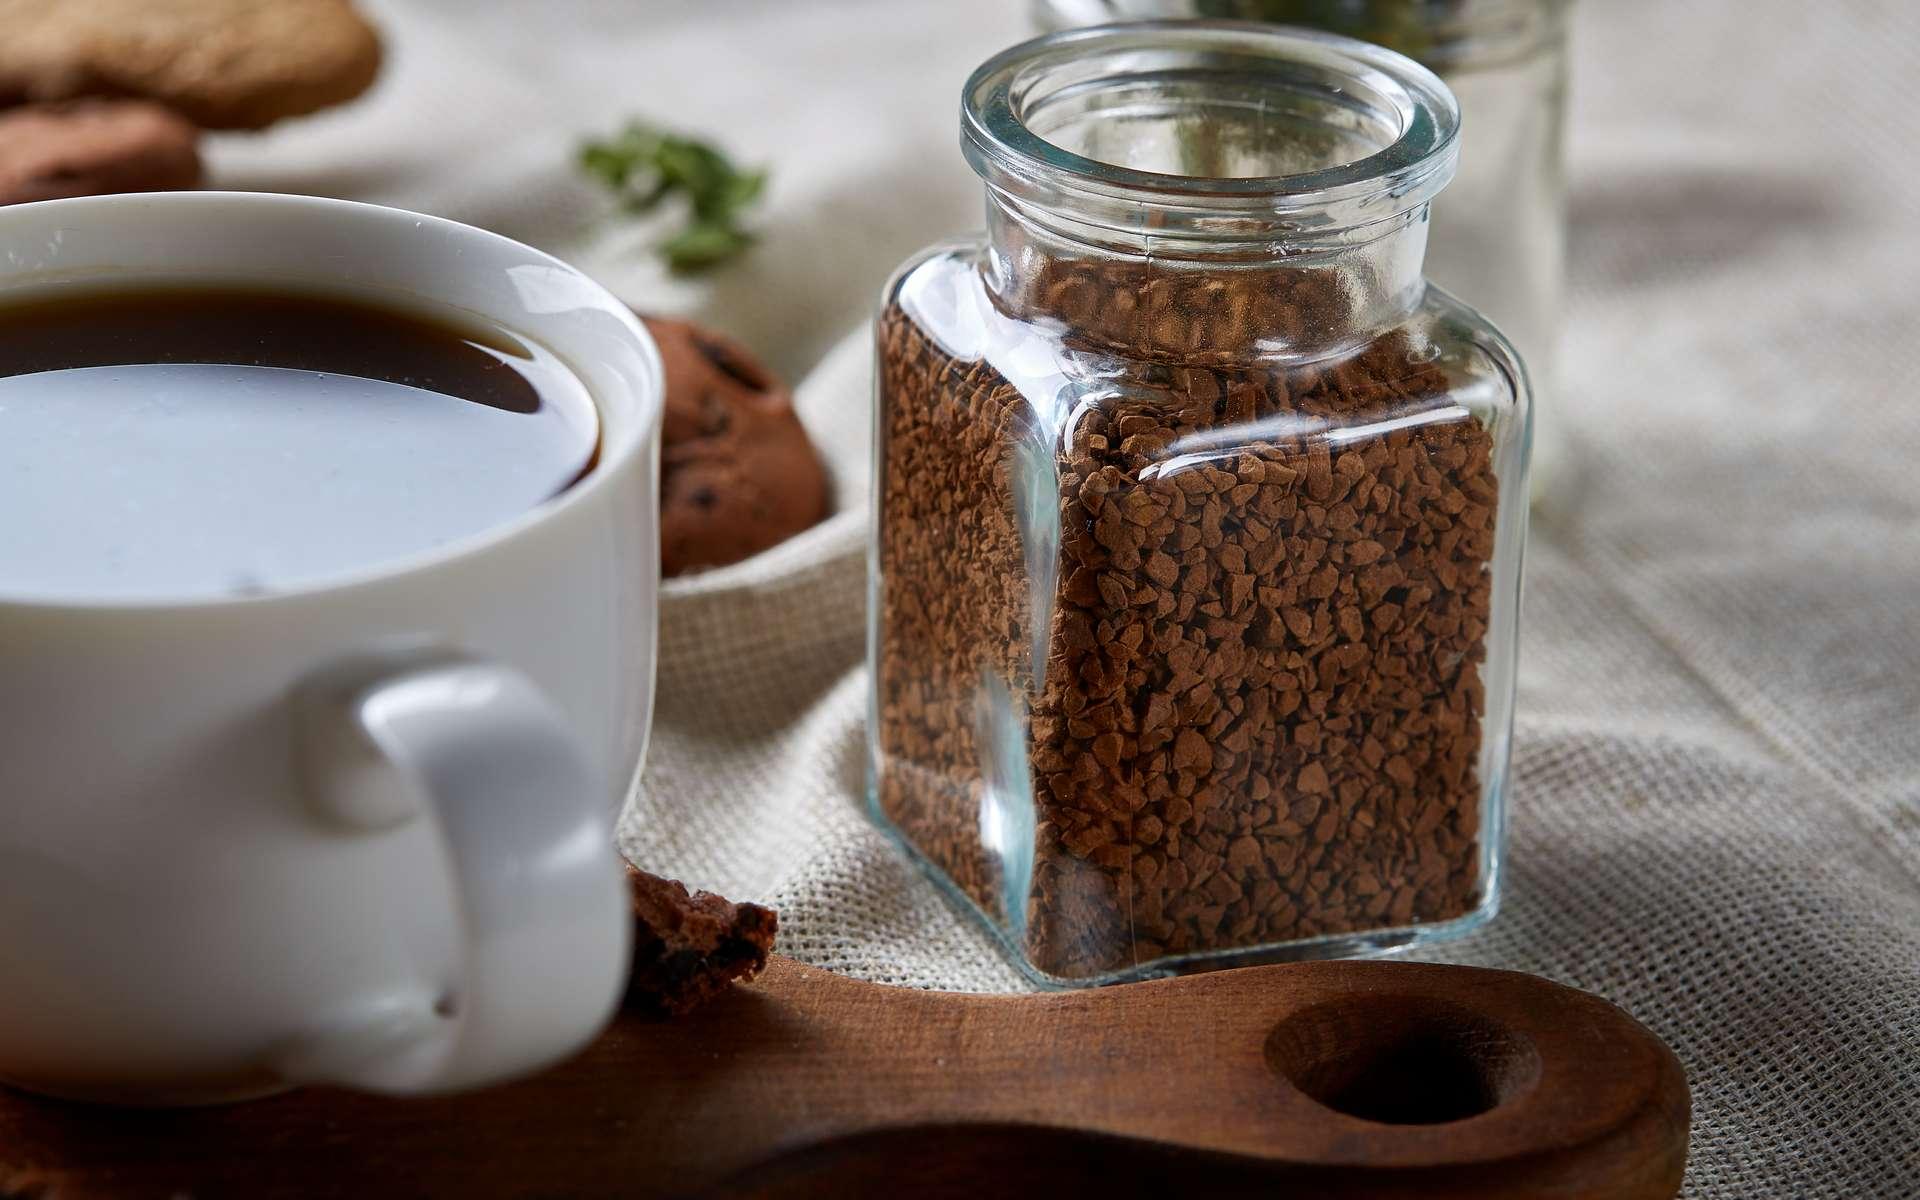 Le café instantané, aussi appelé café soluble, est un café déshydraté prêt un clin d'œil. © Aleksey, Adobe Stock